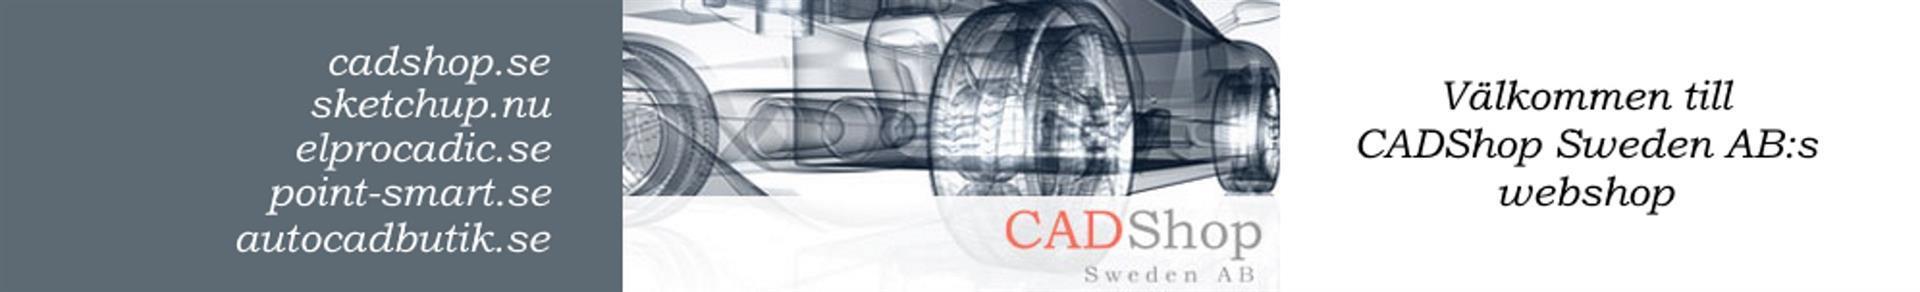 Välkommen till CADShops webshop med låga priser och snabb leverans